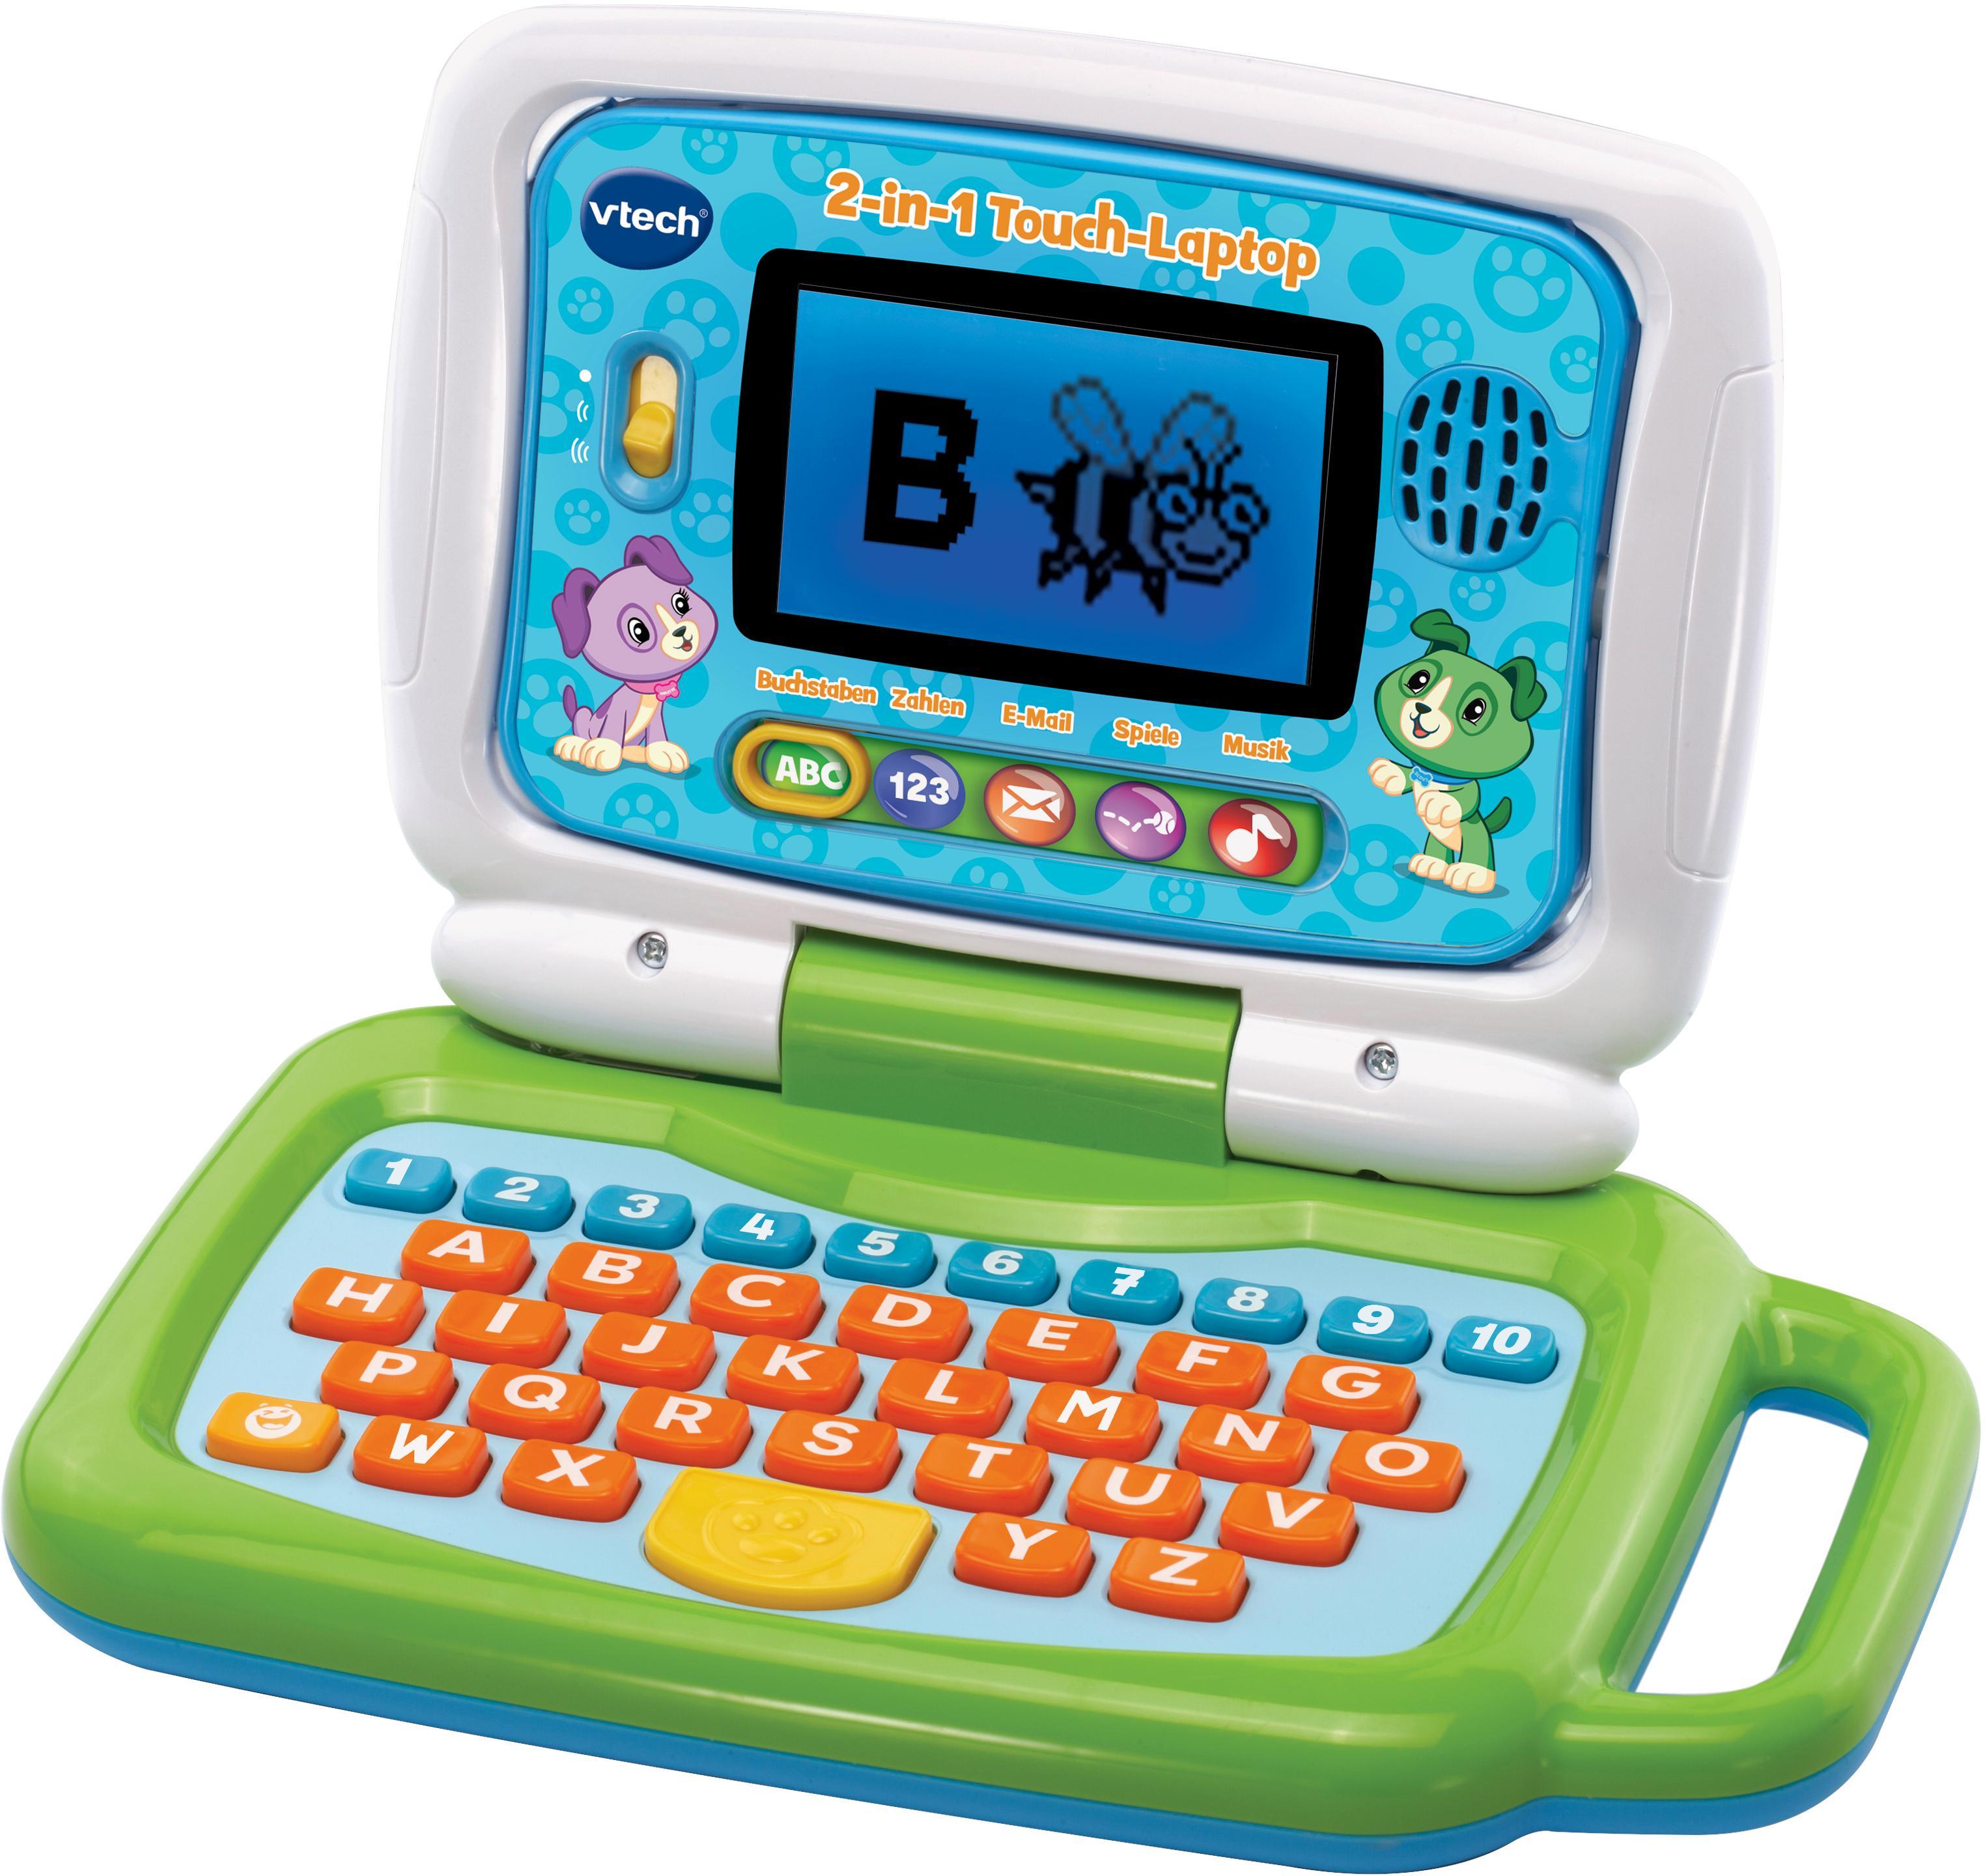 """Vtech Kindercomputer """"2-in-1 Touch-Laptop"""" Technik & Freizeit/Spielzeug/Lernspielzeug/Kinder-Computer"""